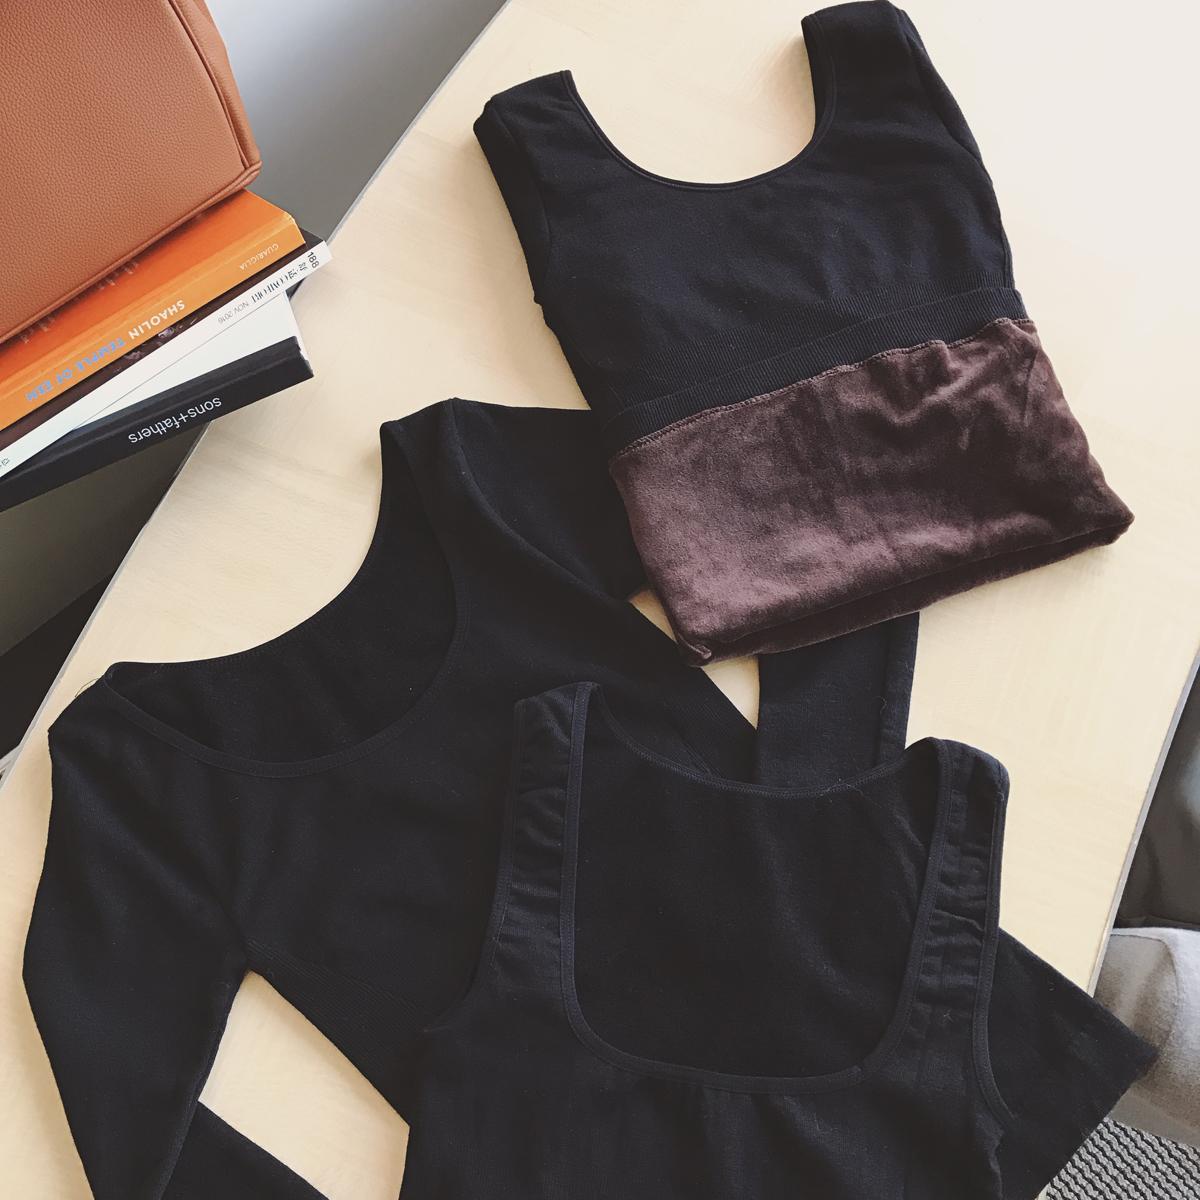 小番茄定制 冬季新款背心圆领加绒三款黑色打底衫chic内搭上衣